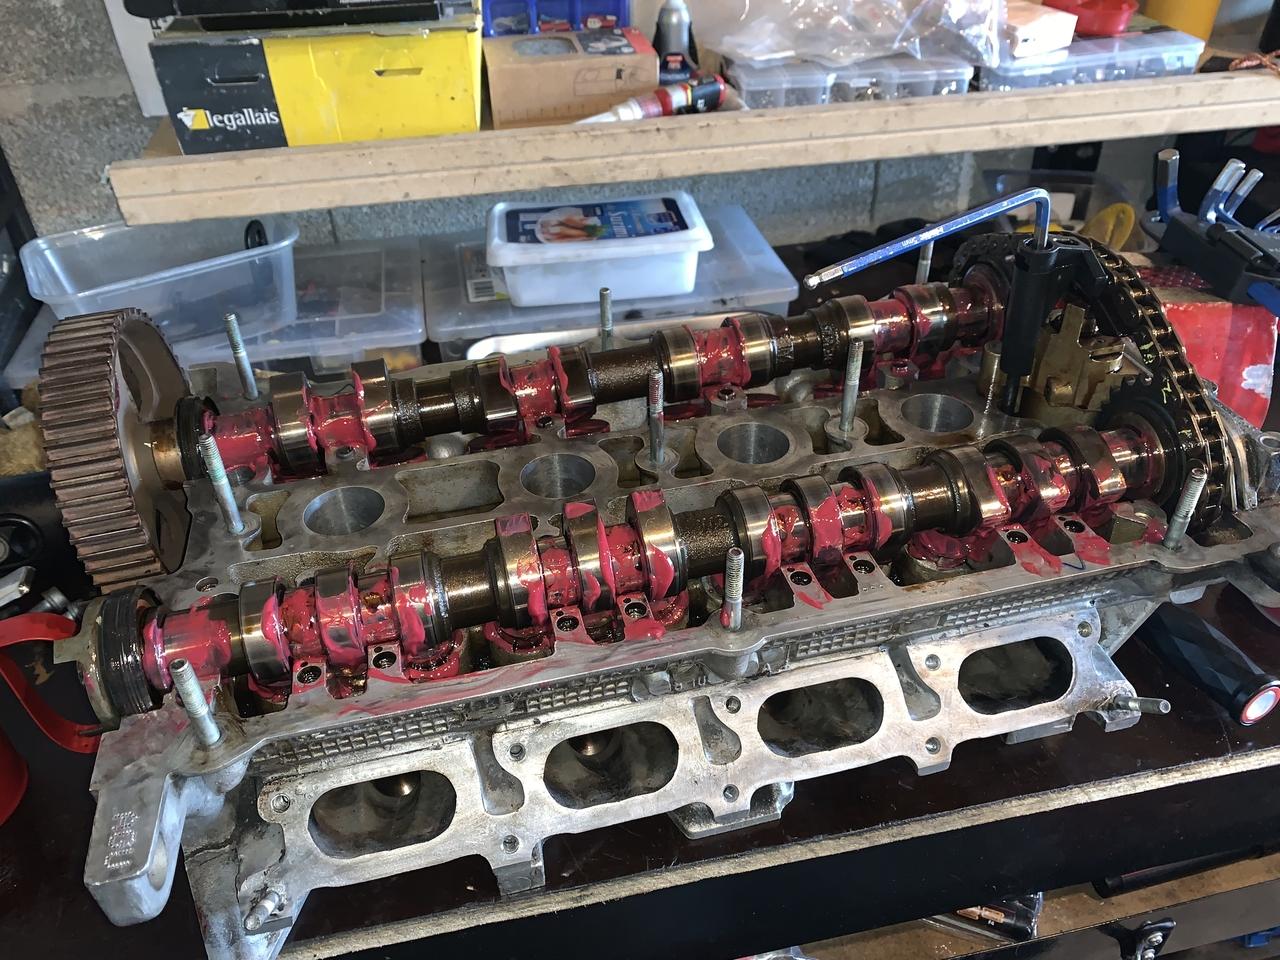 F9752C99-256A-4548-9C5F-7D2CA9861EC0.jpeg